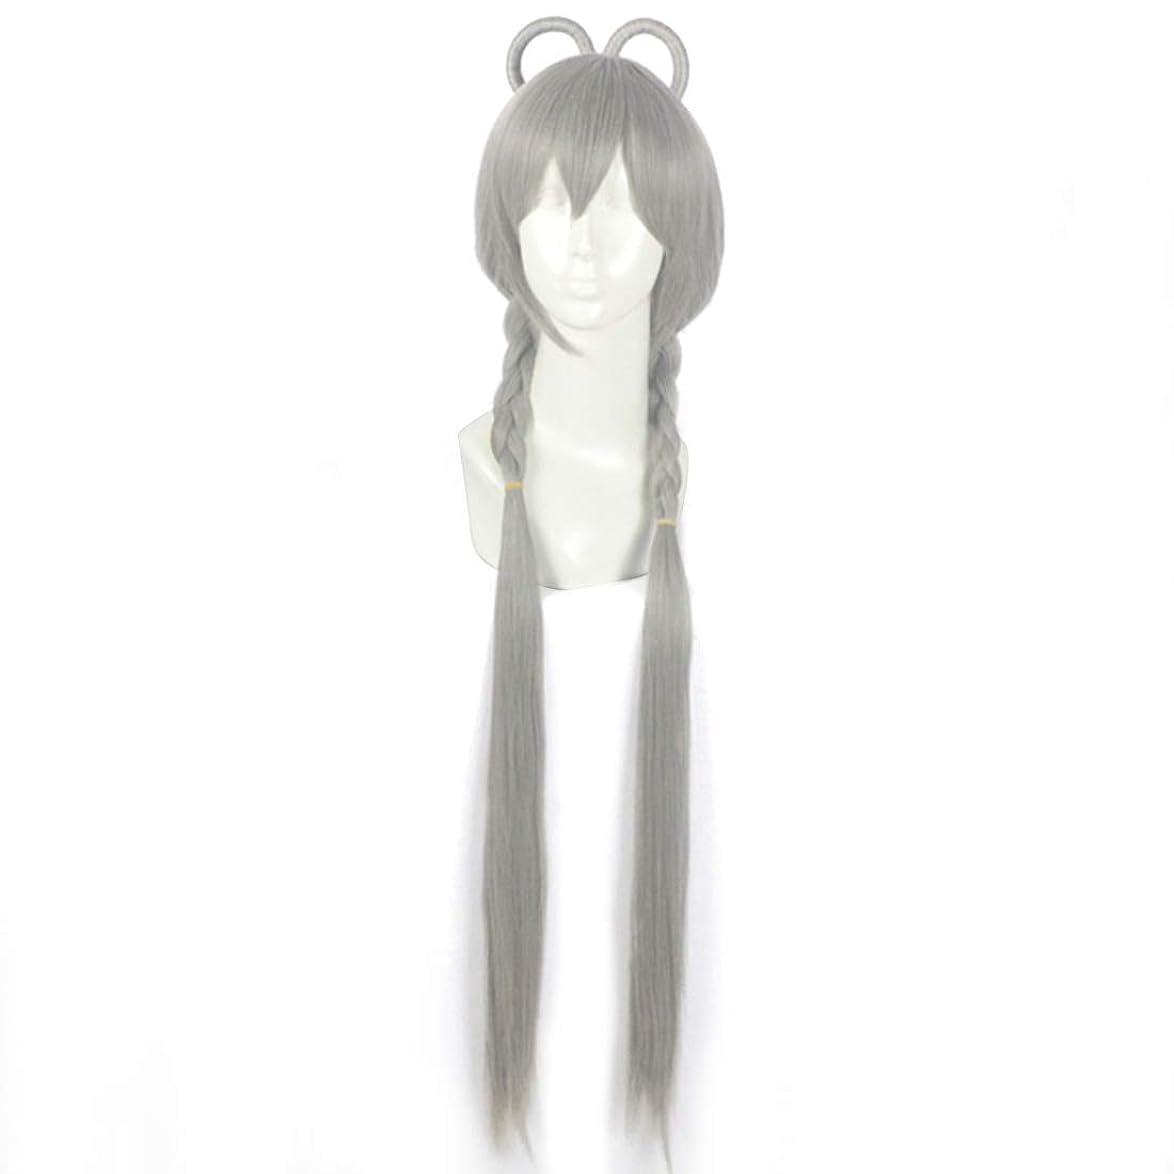 心から絶え間ない帝国主義Koloeplf メカニズムウィズローズウィッグ帽子グレースタイルダブルバタフライクリップコスアニメウィッグ (Shape : B hairstyle)